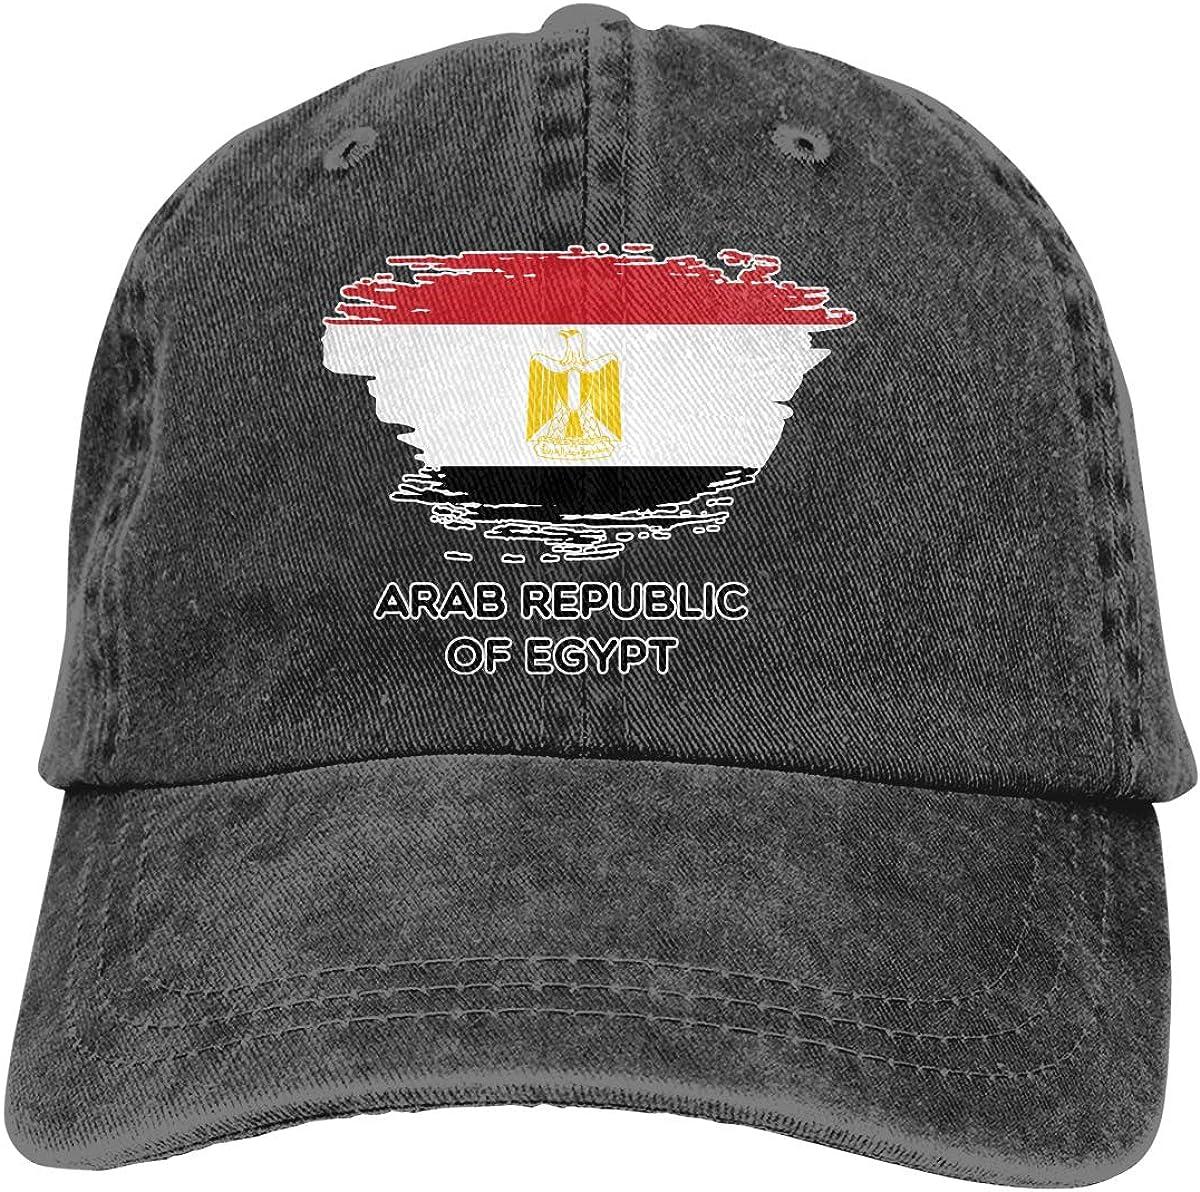 Unisex Flag of Egypt Vintage Washed Dad Hat Funny Adjustable Baseball Cap